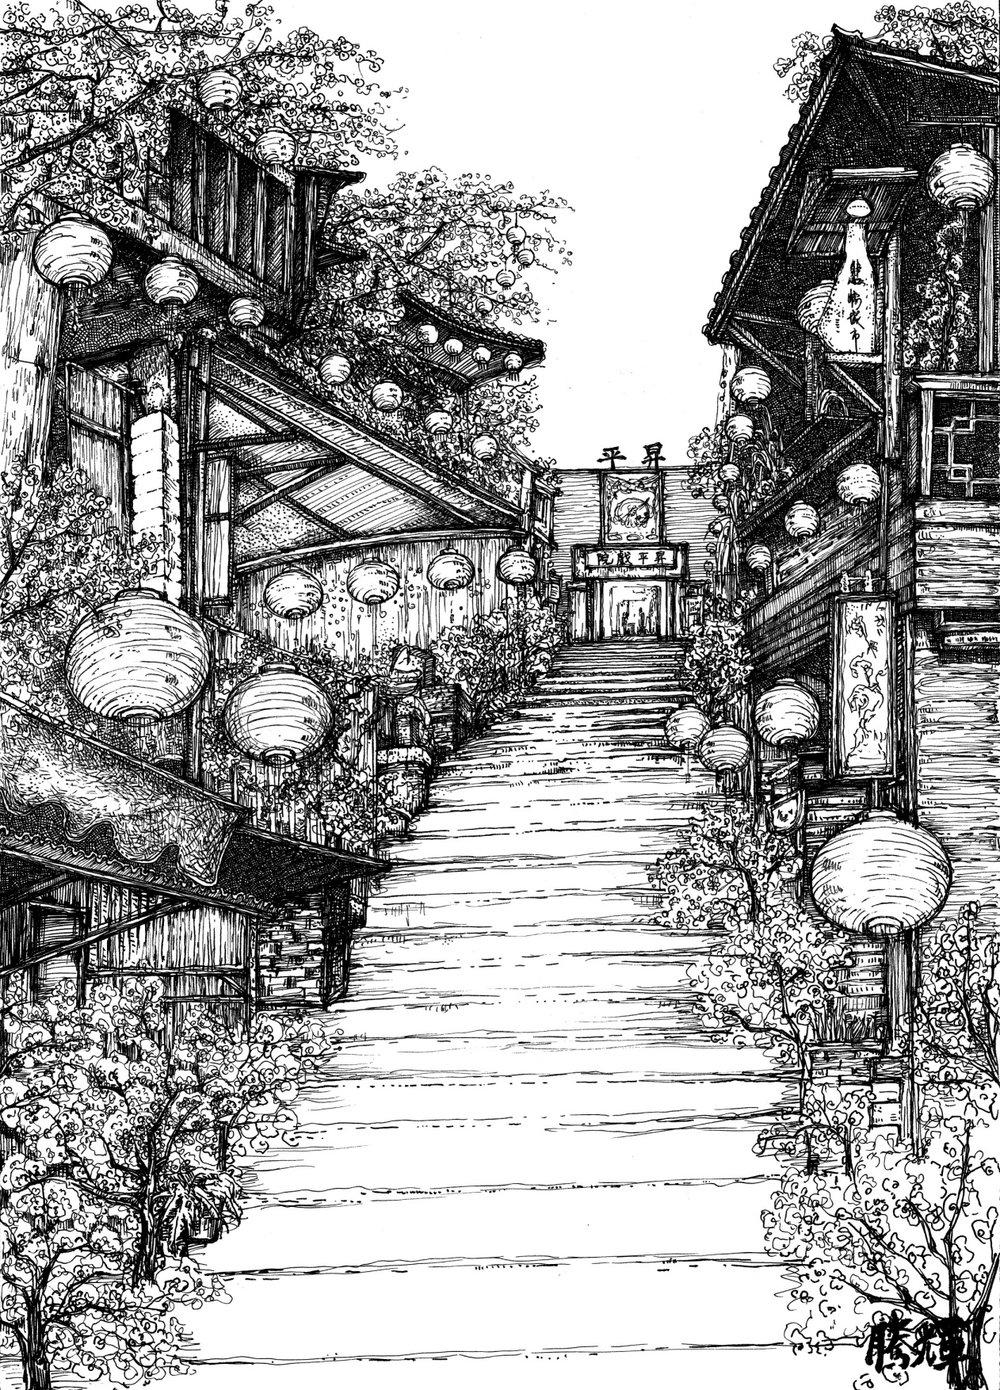 1997_4 九份昇平(冬日) 鉛筆.畫布.jpg